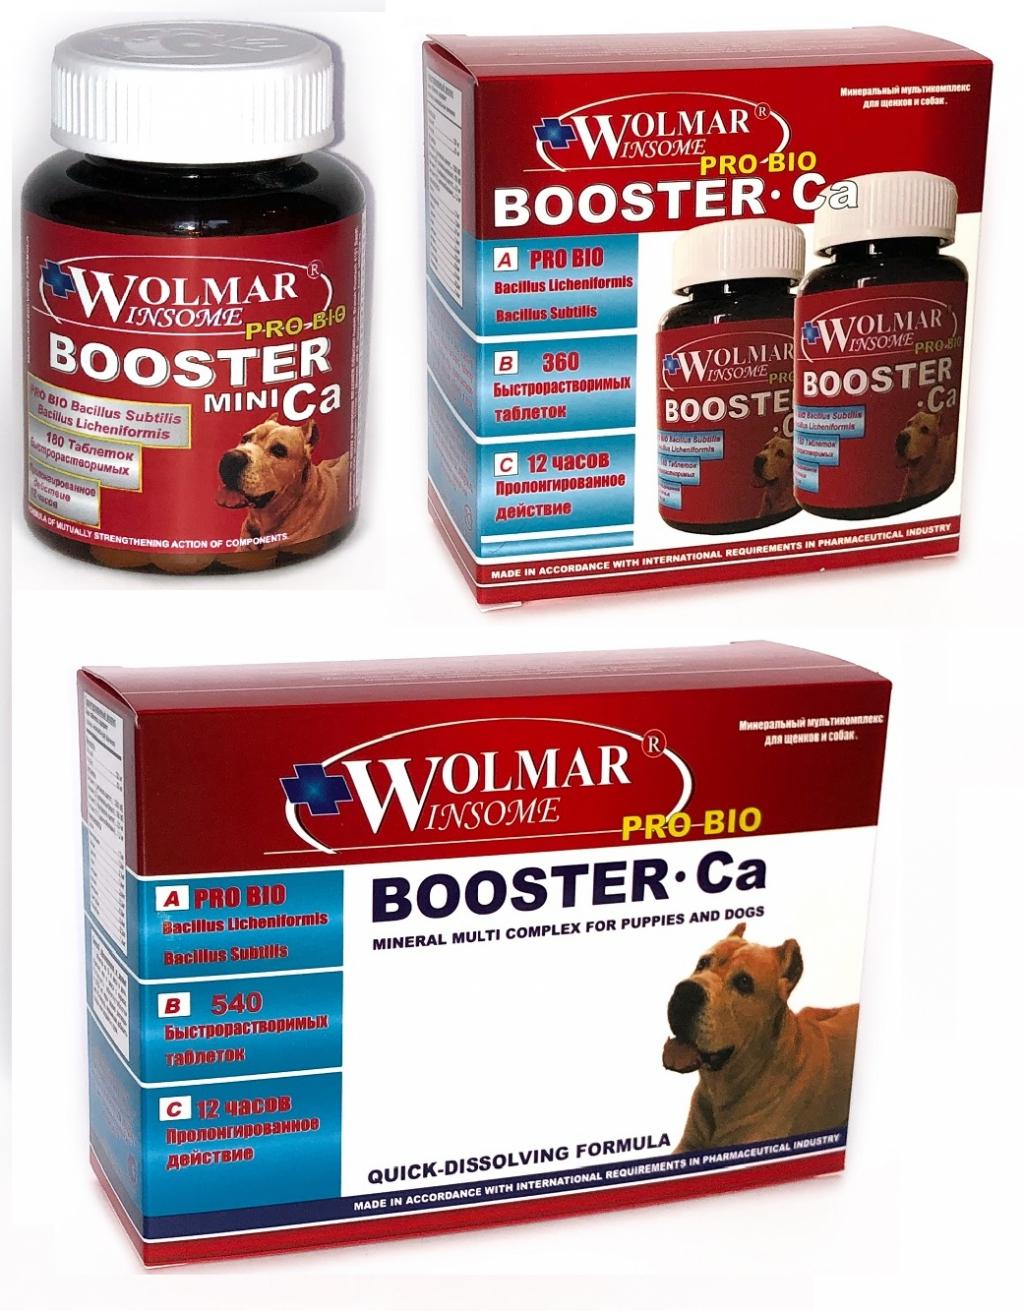 Волмар Винсом Мультикомплекс Pro Bio Booster Ca для щенков и собак крупных пород, в ассортименте, Wolmar Winsome